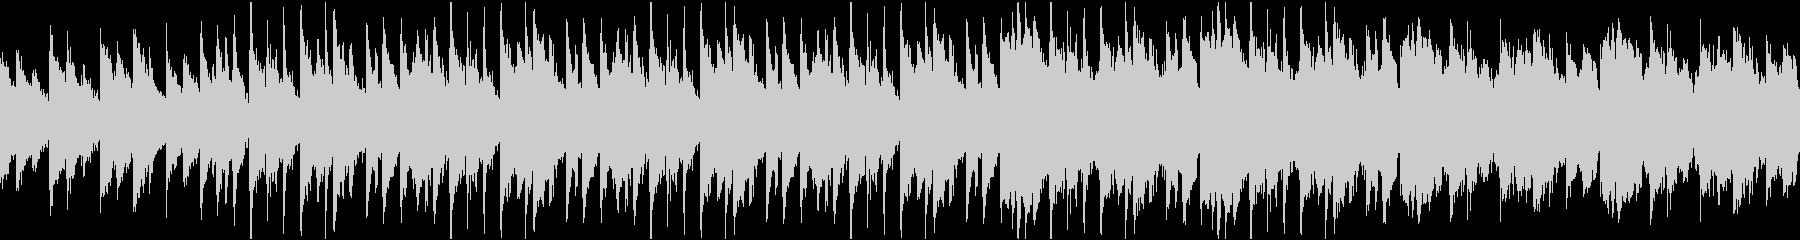 三拍子のミステリー風怪しいBGMの未再生の波形